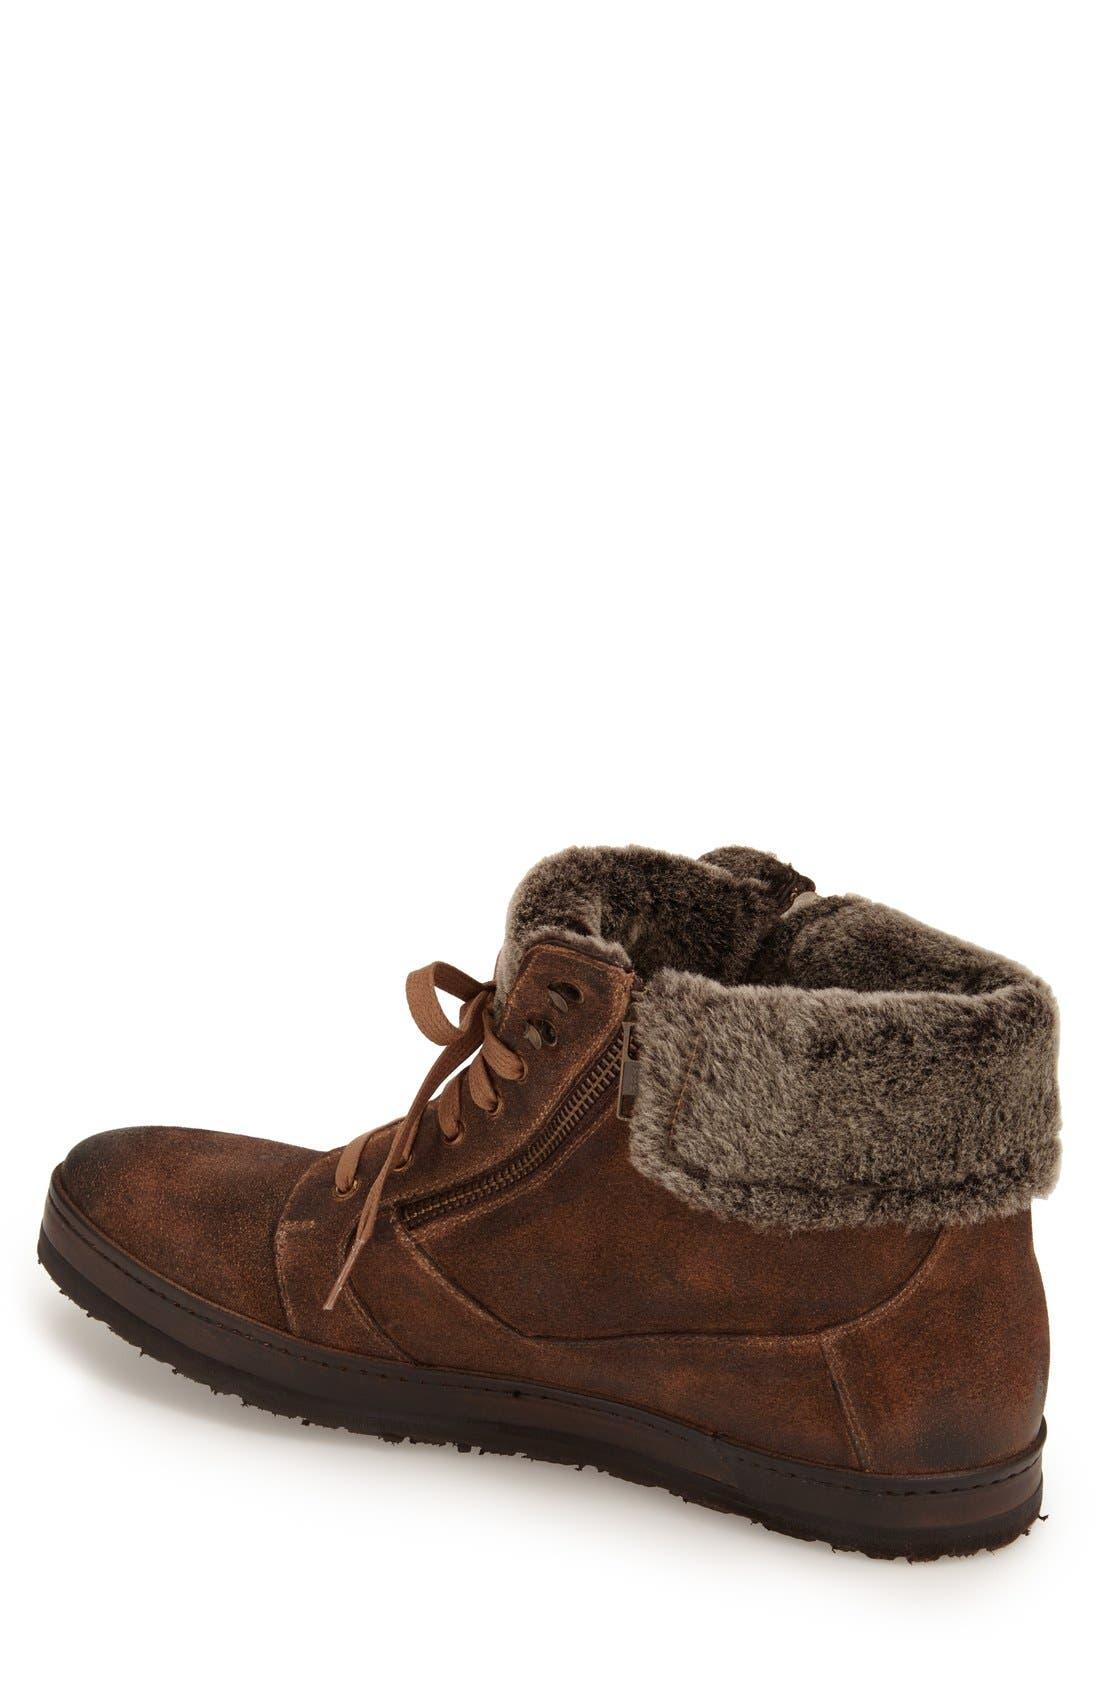 'Utrech' Sneaker Boot,                             Alternate thumbnail 2, color,                             238